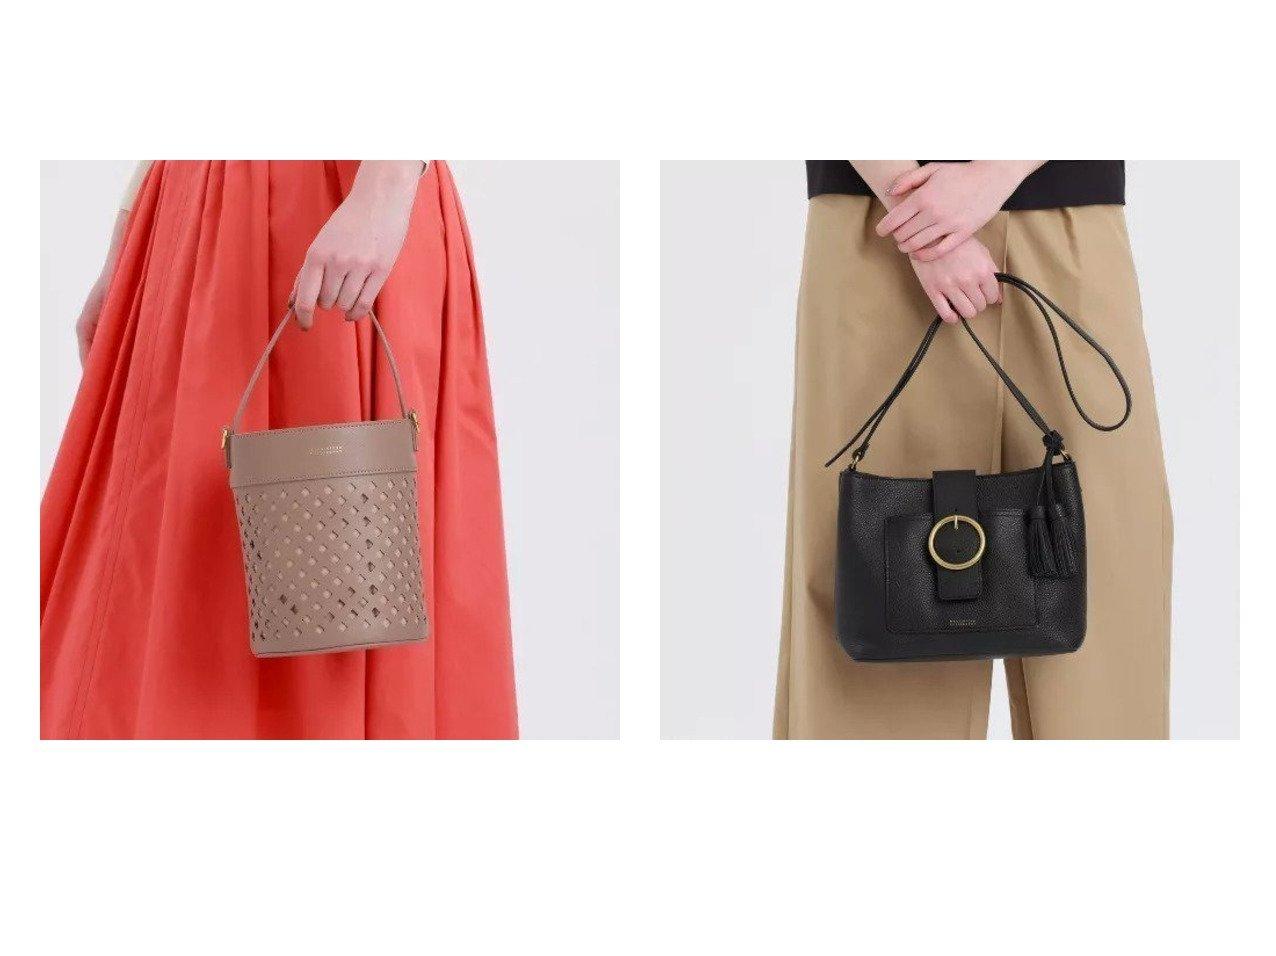 【MACKINTOSH PHILOSOPHY/マッキントッシュ フィロソフィー】のメッシュバケットバッグ&バックルレザーショルダー 【バッグ・鞄】おすすめ!人気、トレンド・レディースファッションの通販  おすすめで人気の流行・トレンド、ファッションの通販商品 メンズファッション・キッズファッション・インテリア・家具・レディースファッション・服の通販 founy(ファニー) https://founy.com/ ファッション Fashion レディースファッション WOMEN バッグ Bag  ID:crp329100000026339